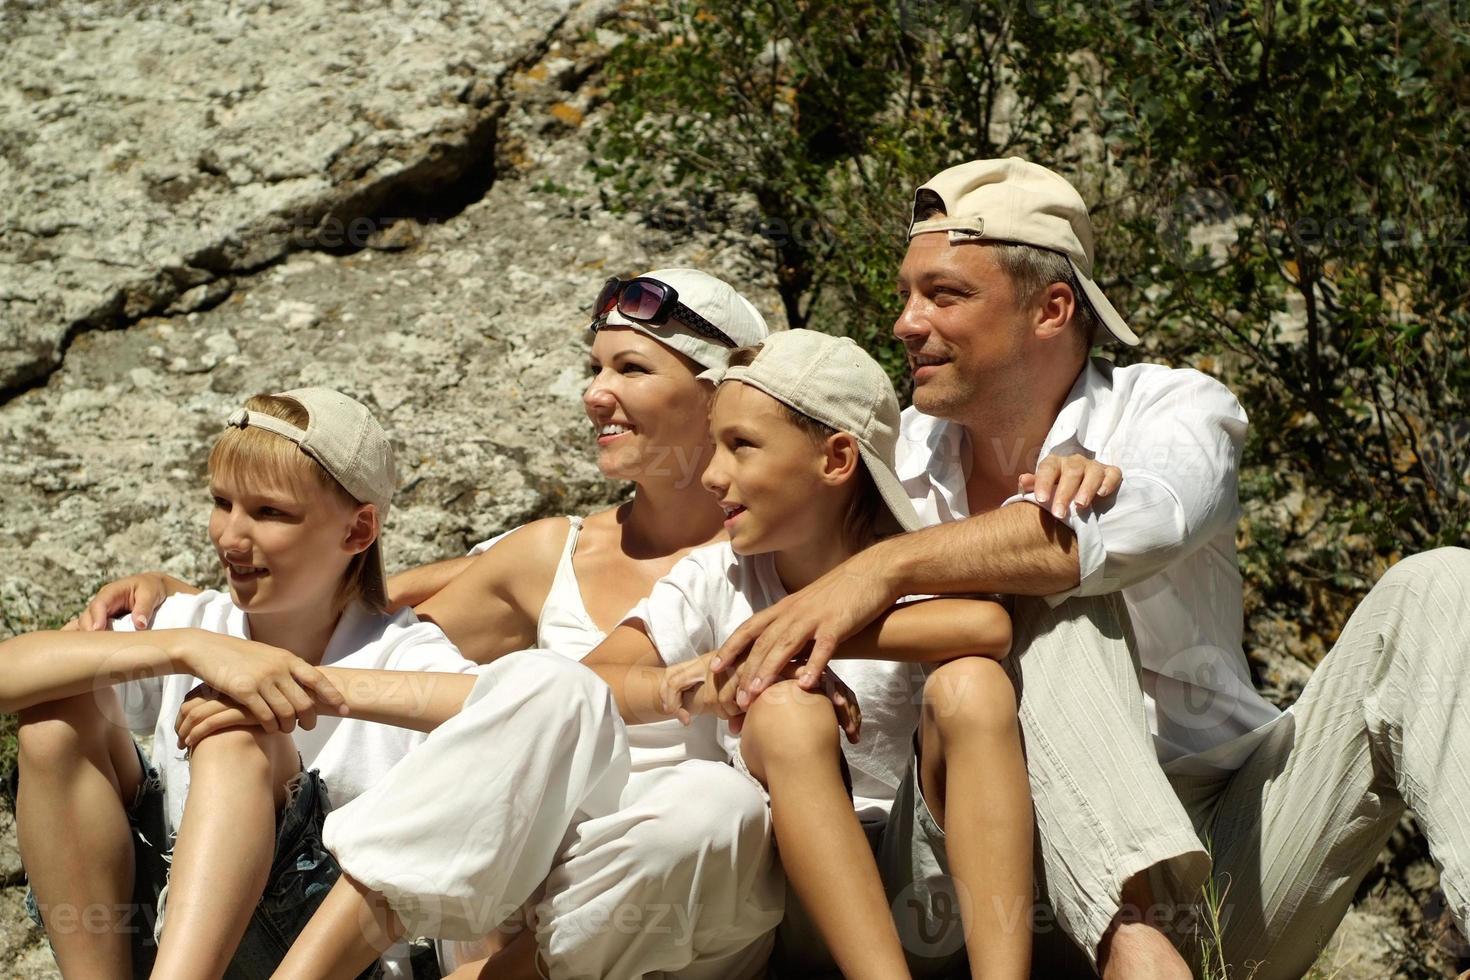 vrolijk gezin van vier foto